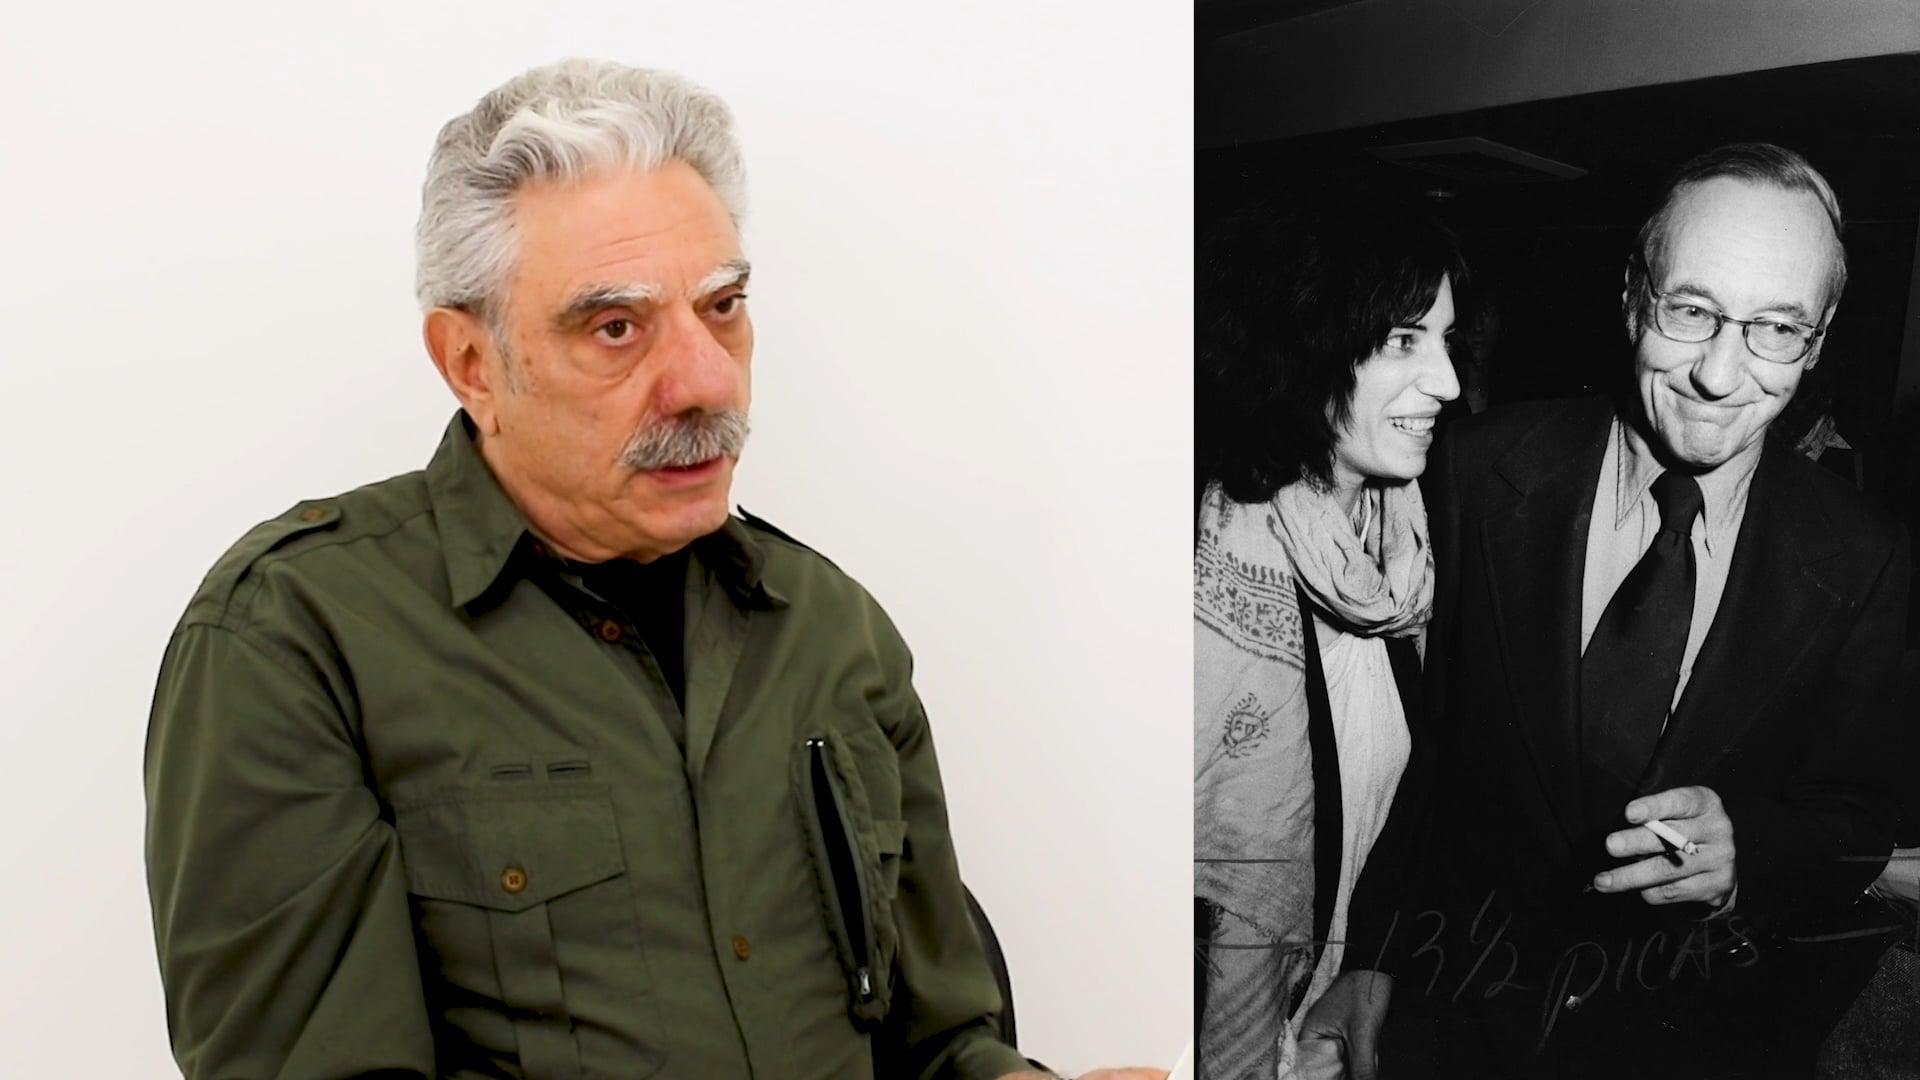 Photographer Allan Tannenbaum discusses Patti Smith and William Burroughs